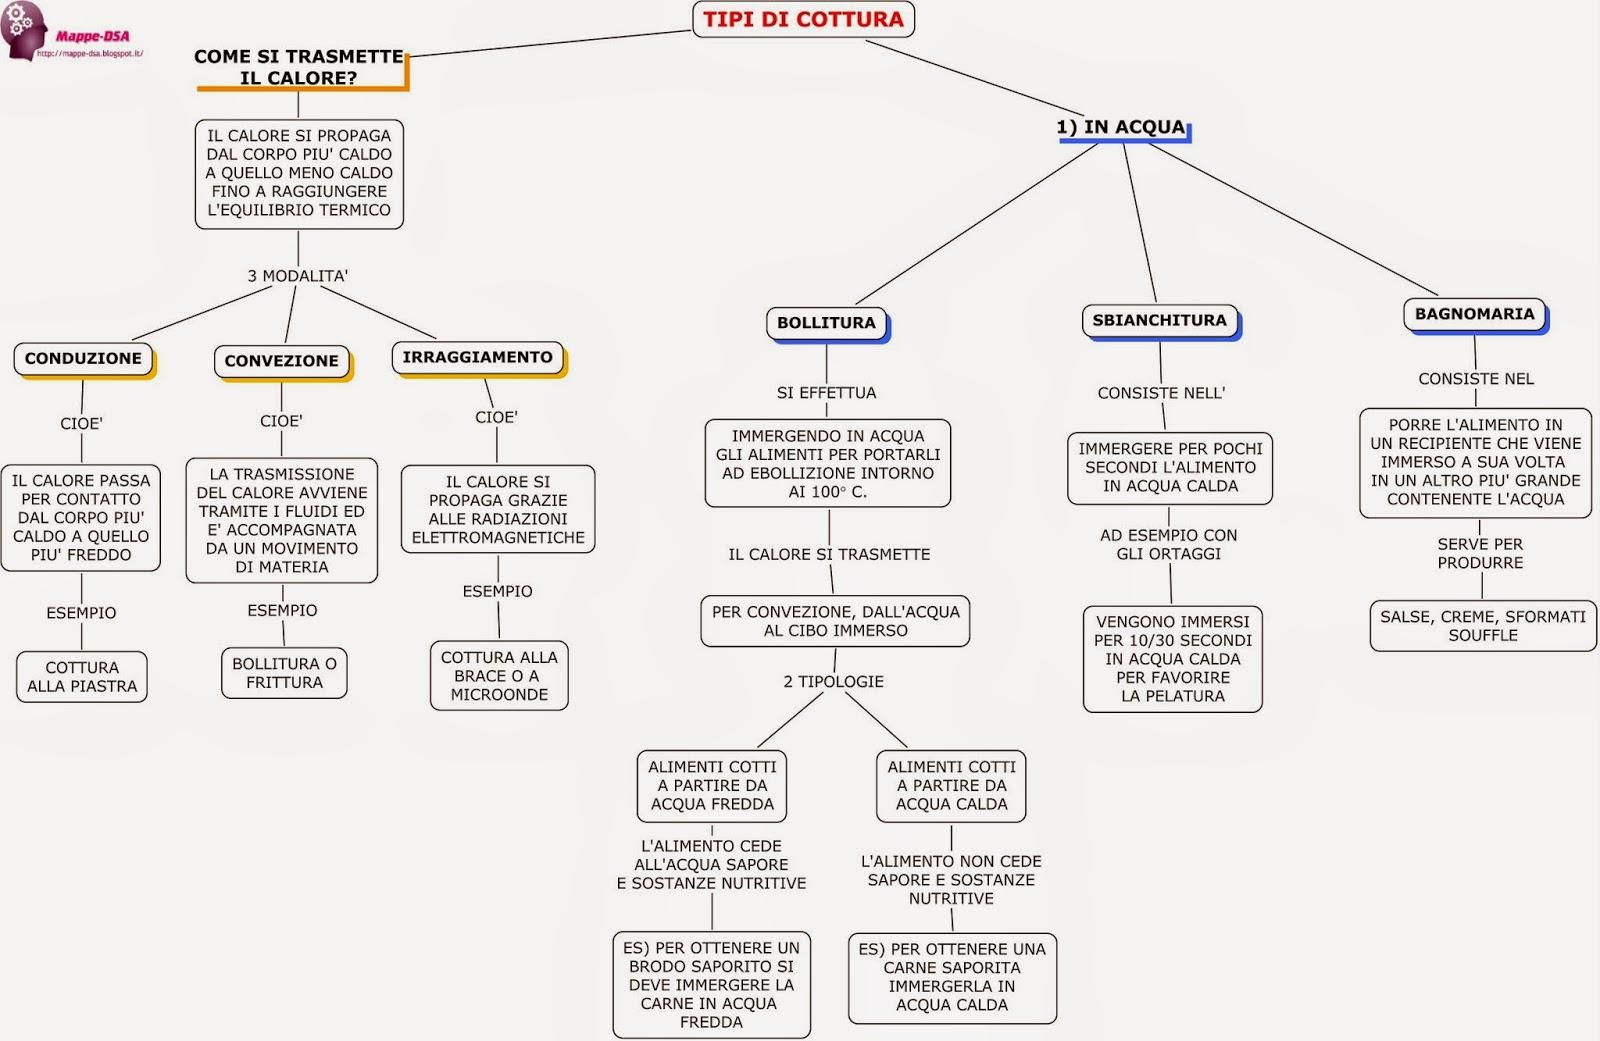 mappa schema dsa alberghiero scienze alimentazione cottura